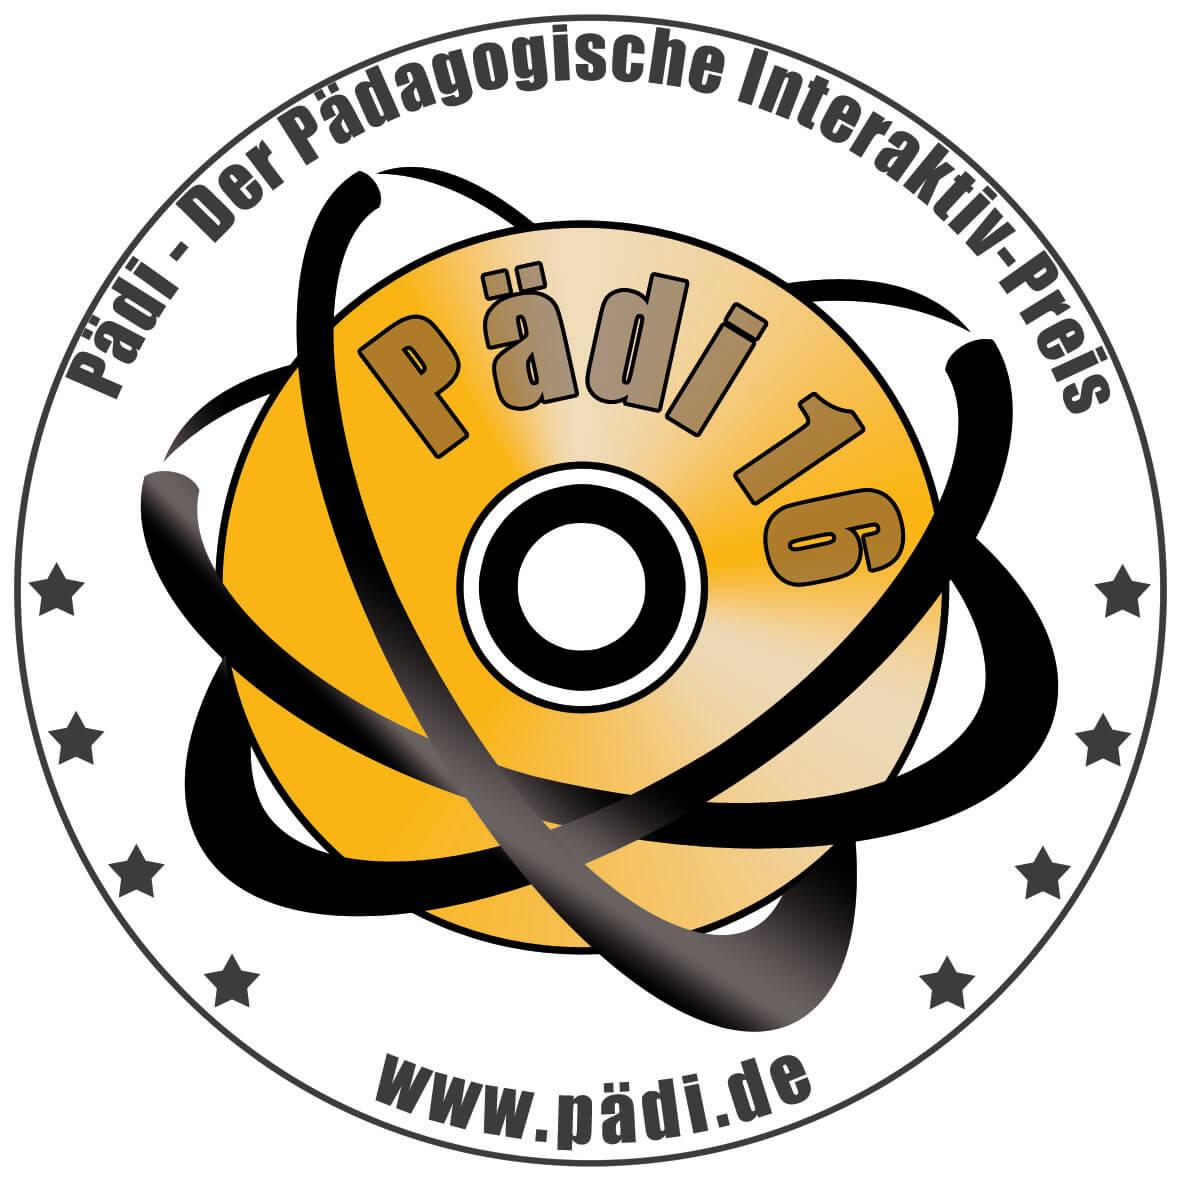 Pädi - Der Pädagogische Interaktiv-Preis